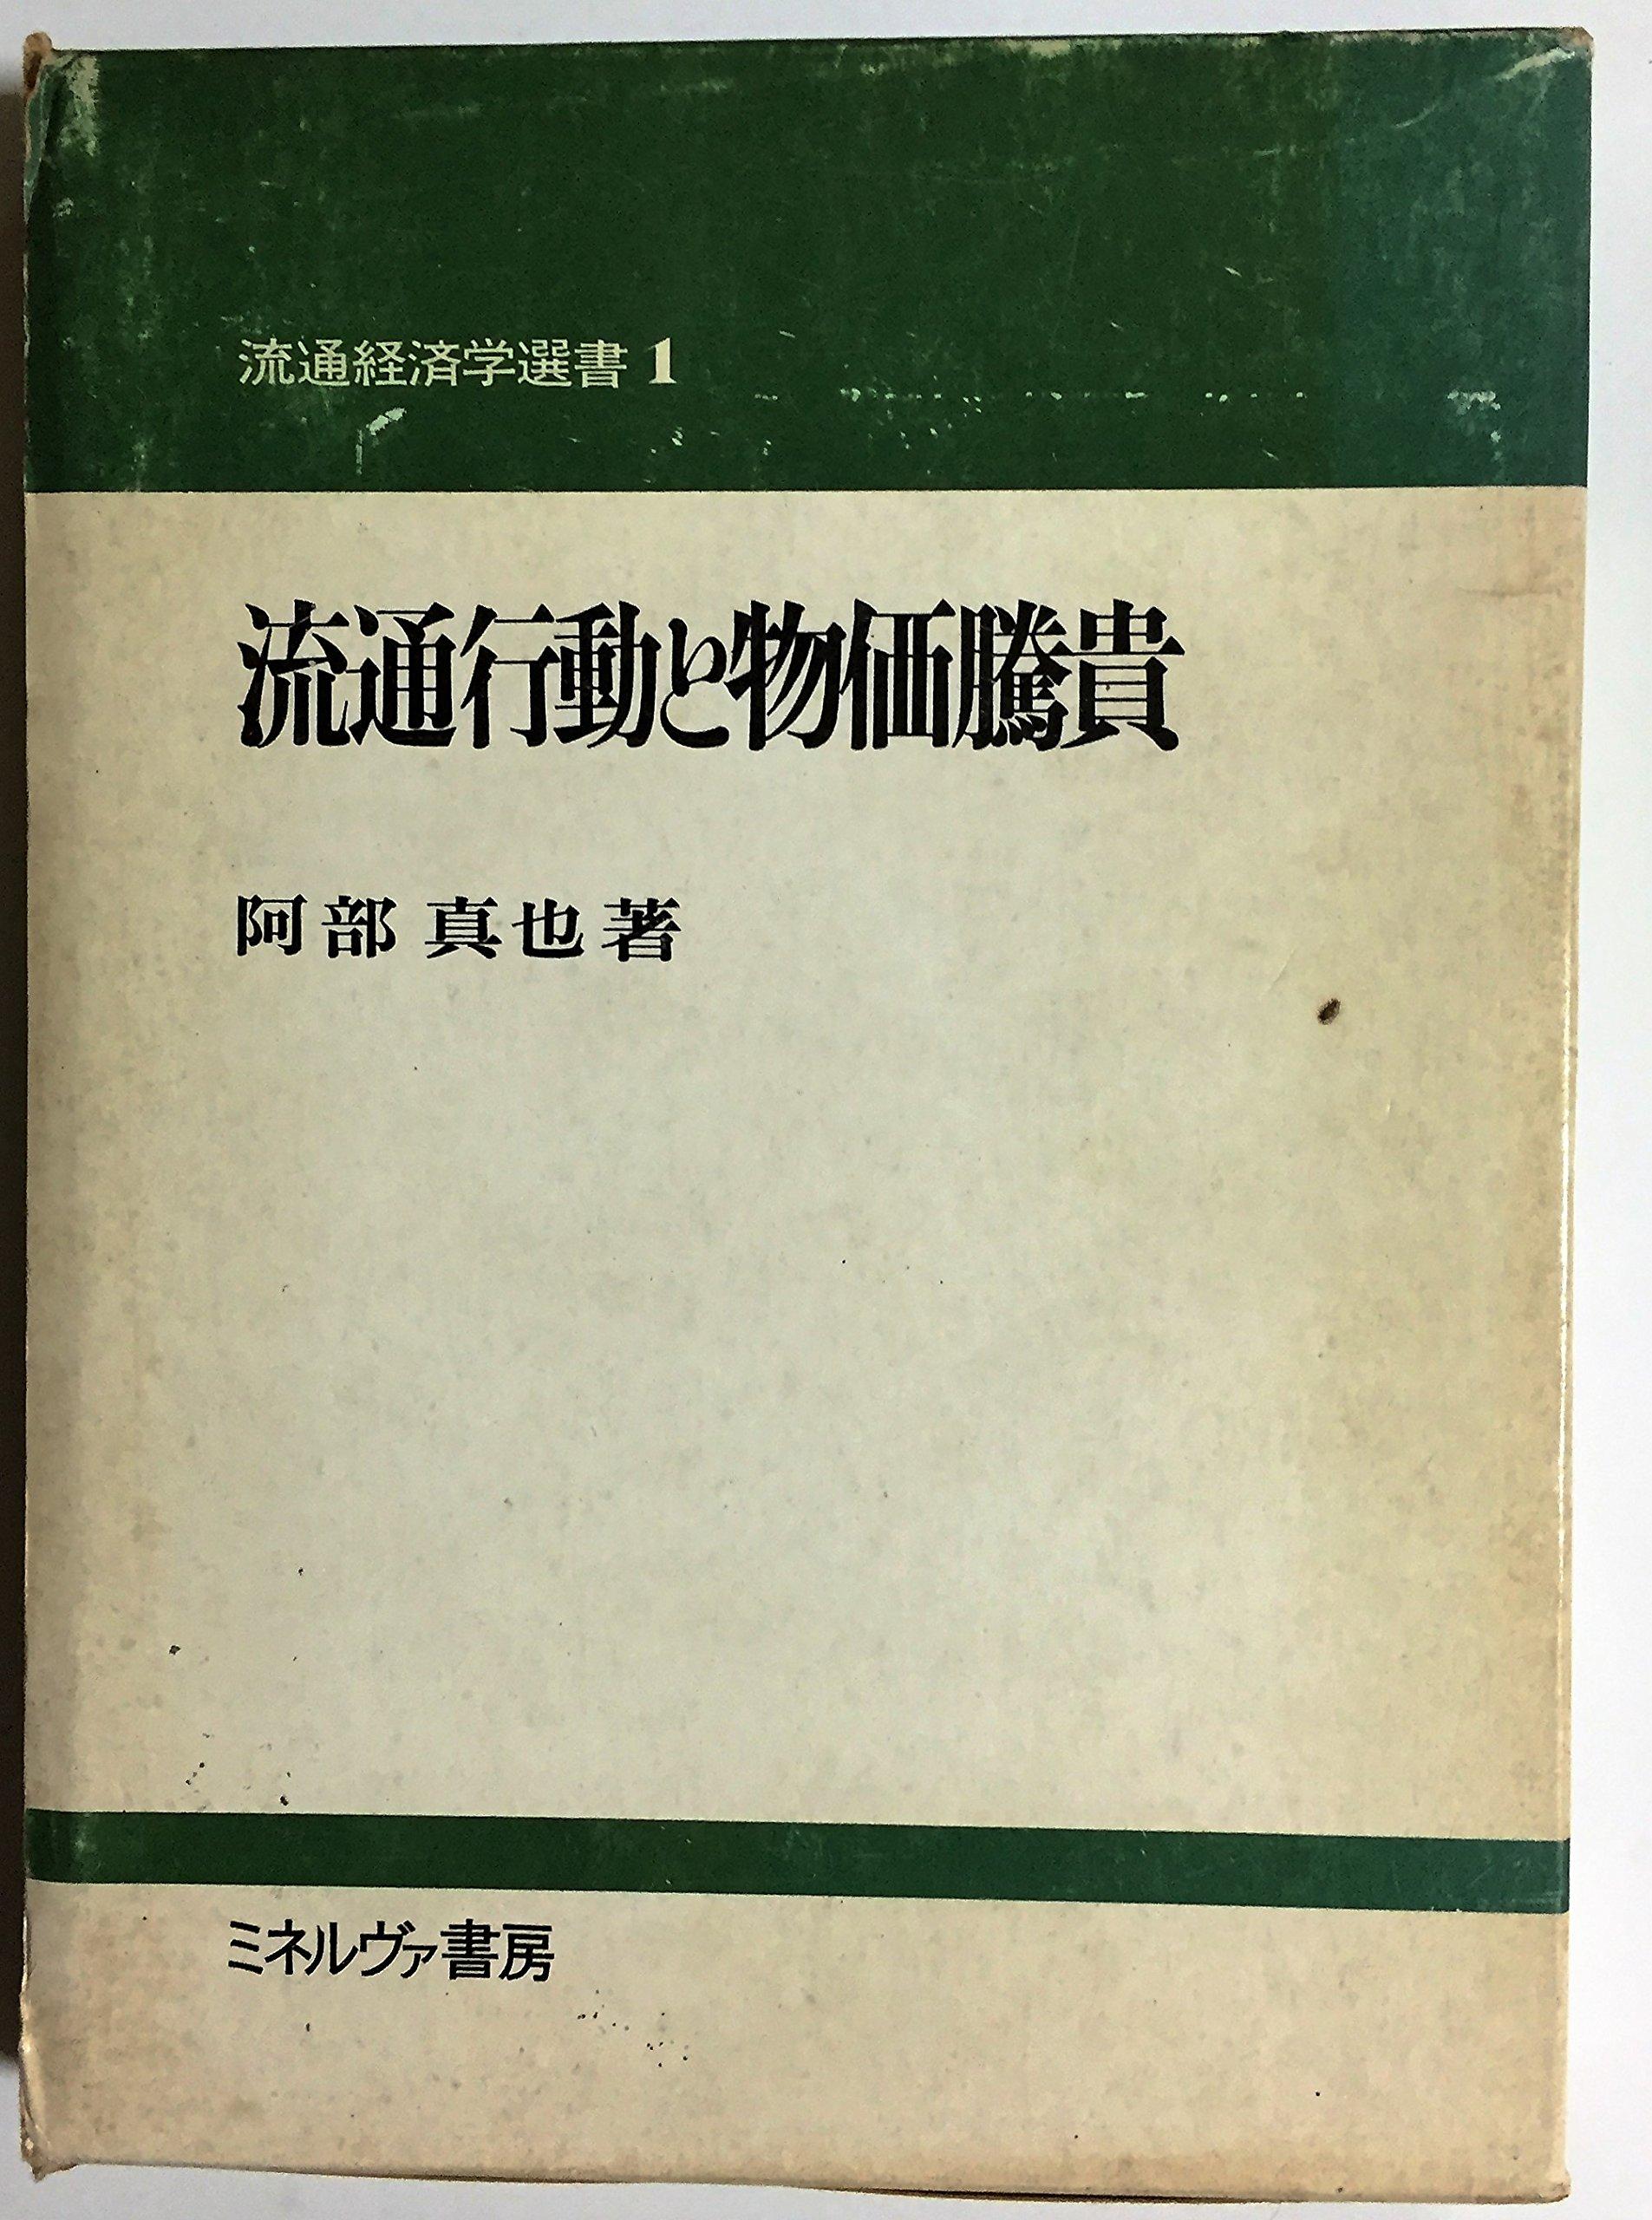 流通行動と物価騰貴 (1974年) (...